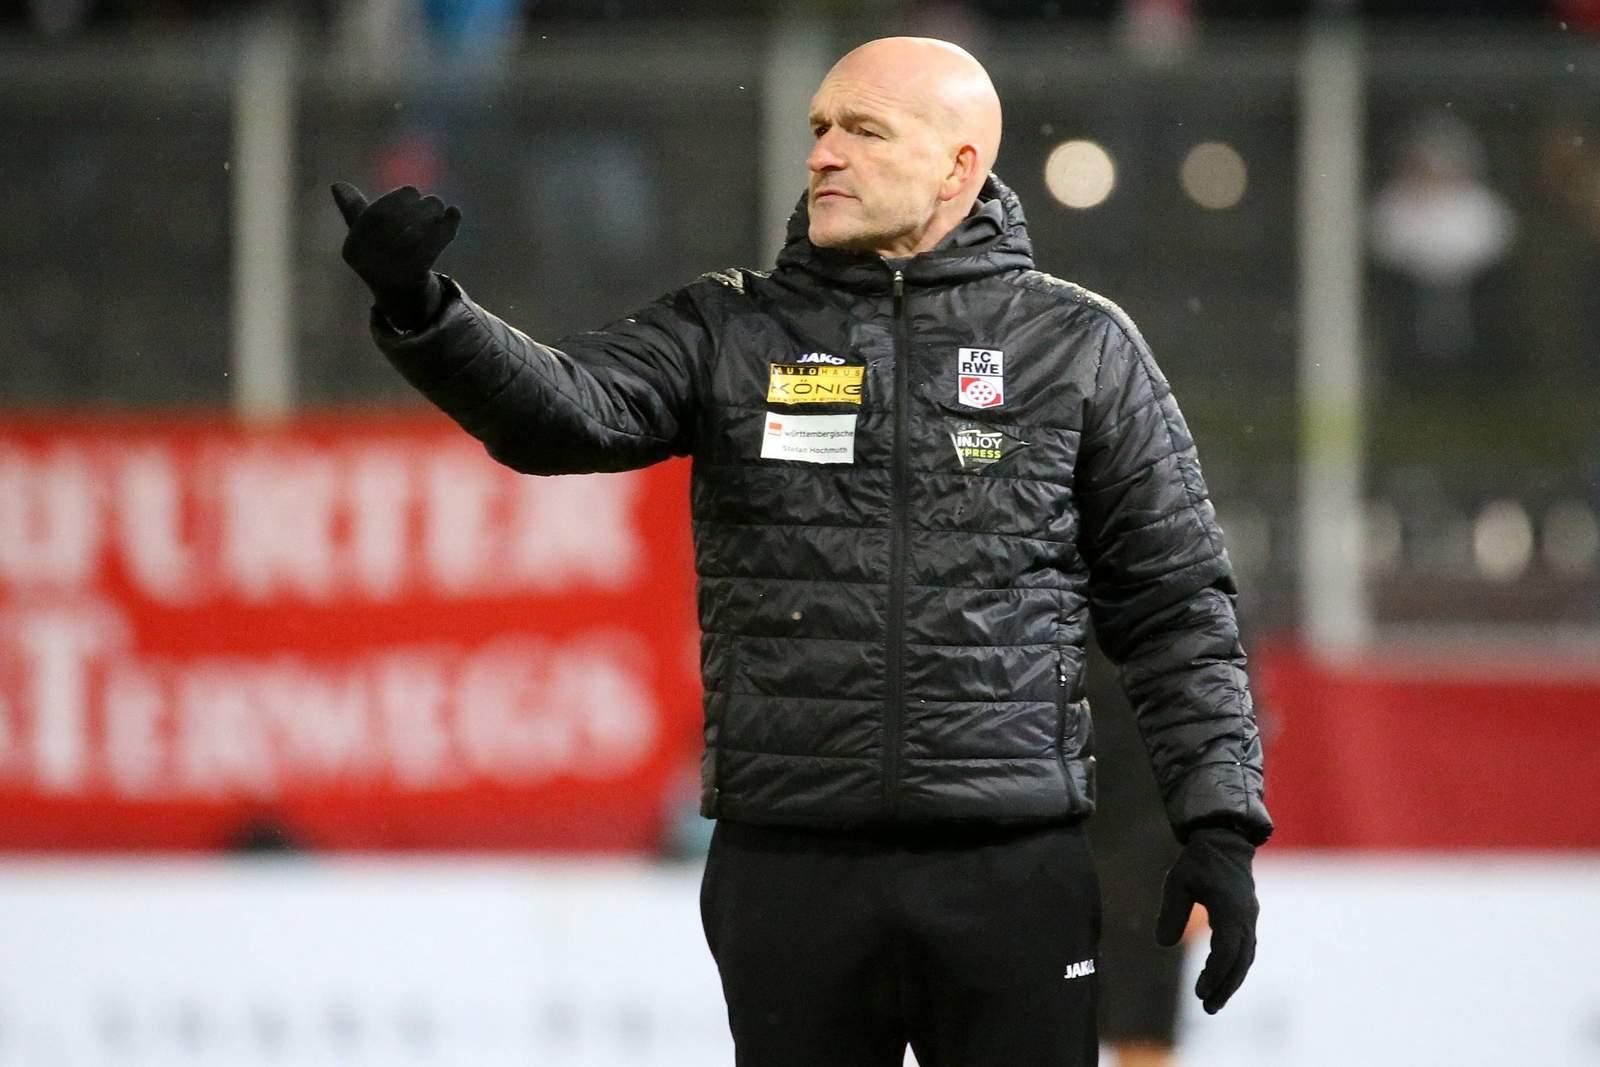 Kann nicht alleine entscheiden: Erfurts Sportchef Stefan Emmerling